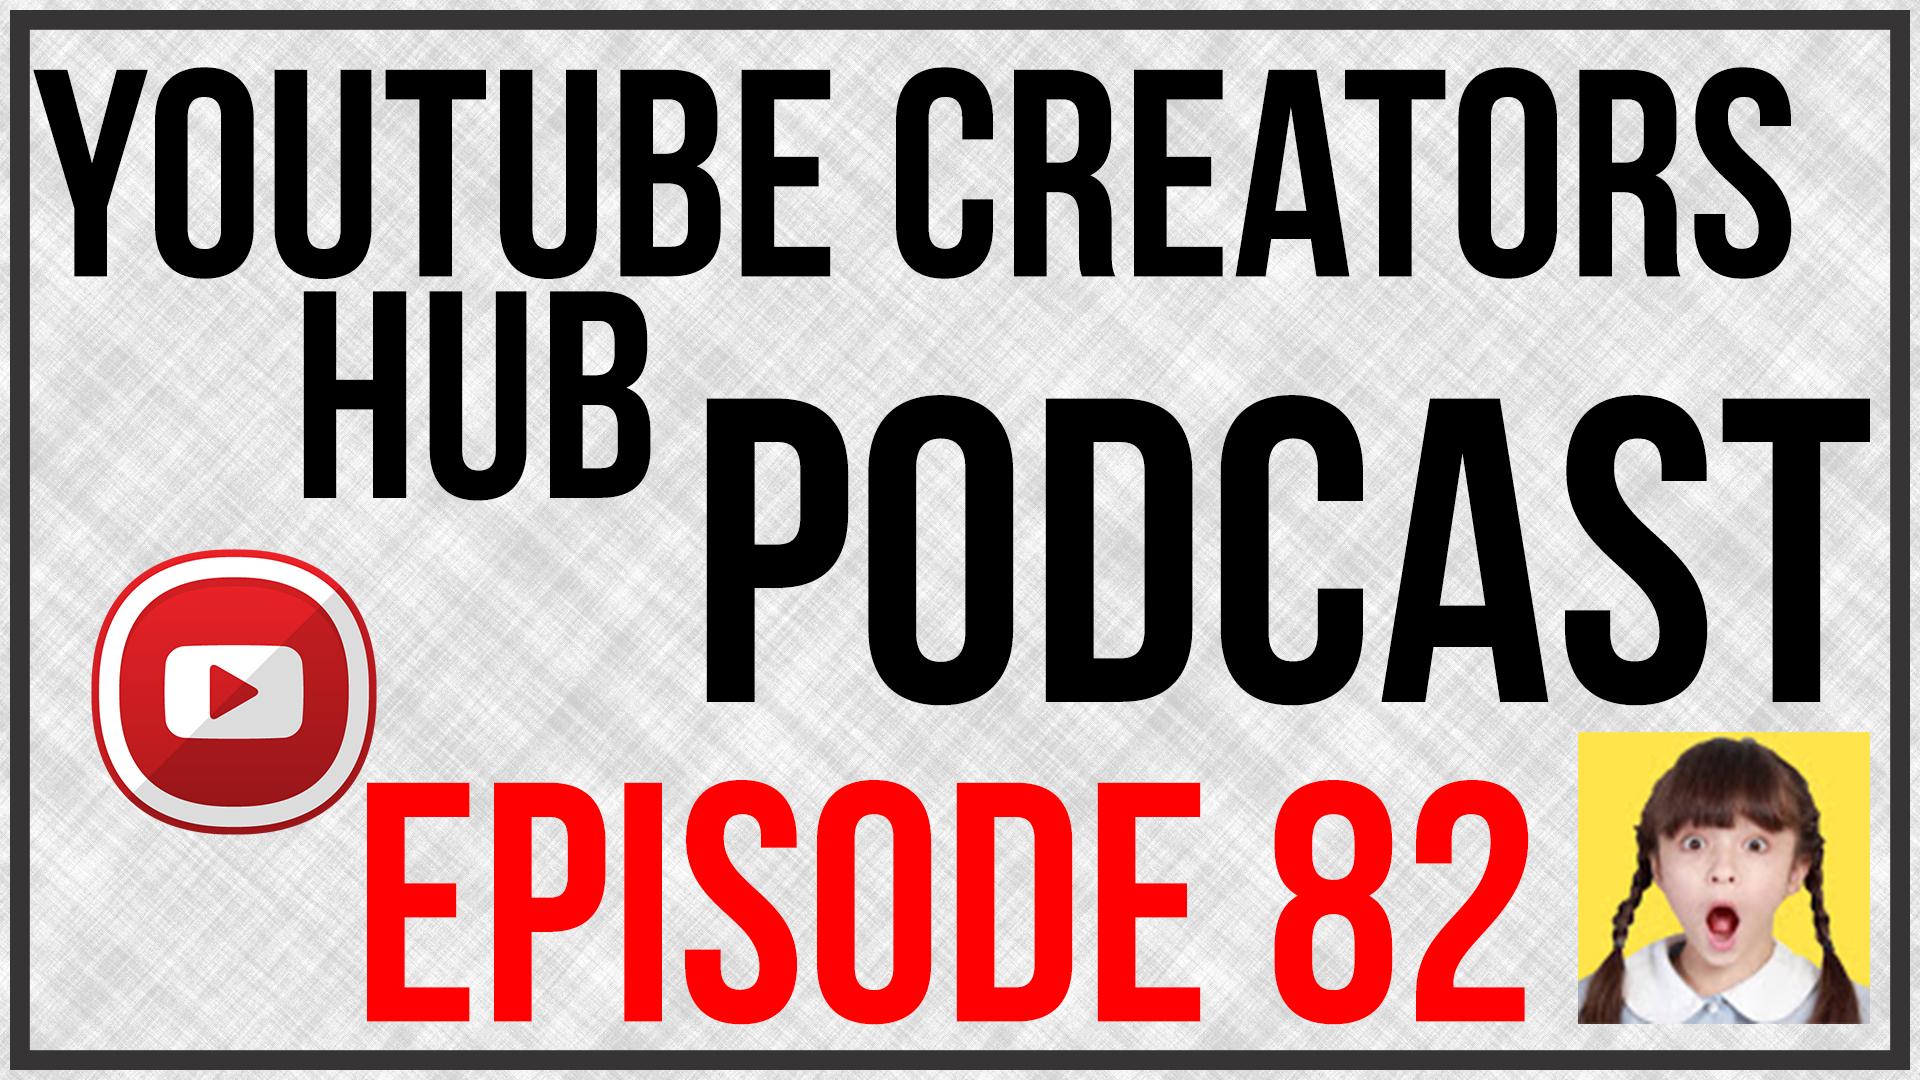 YouTube Creators Hub Episode 82